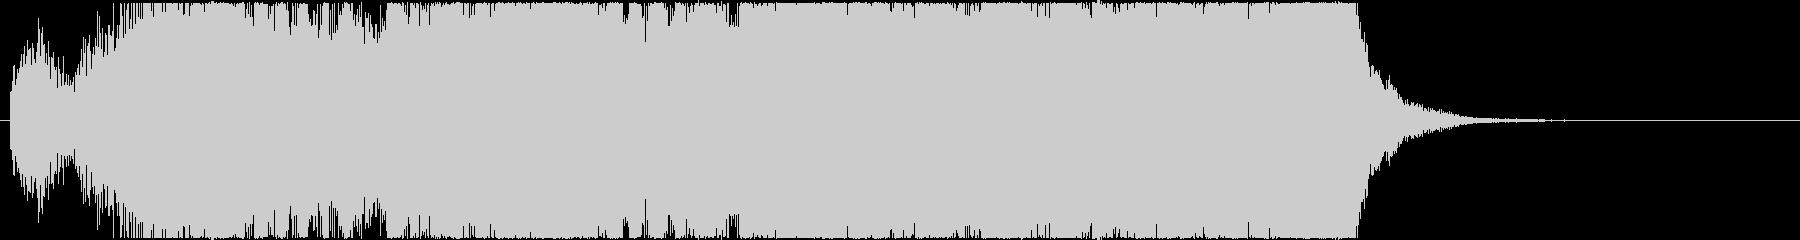 イベントオープニングジングル3の未再生の波形